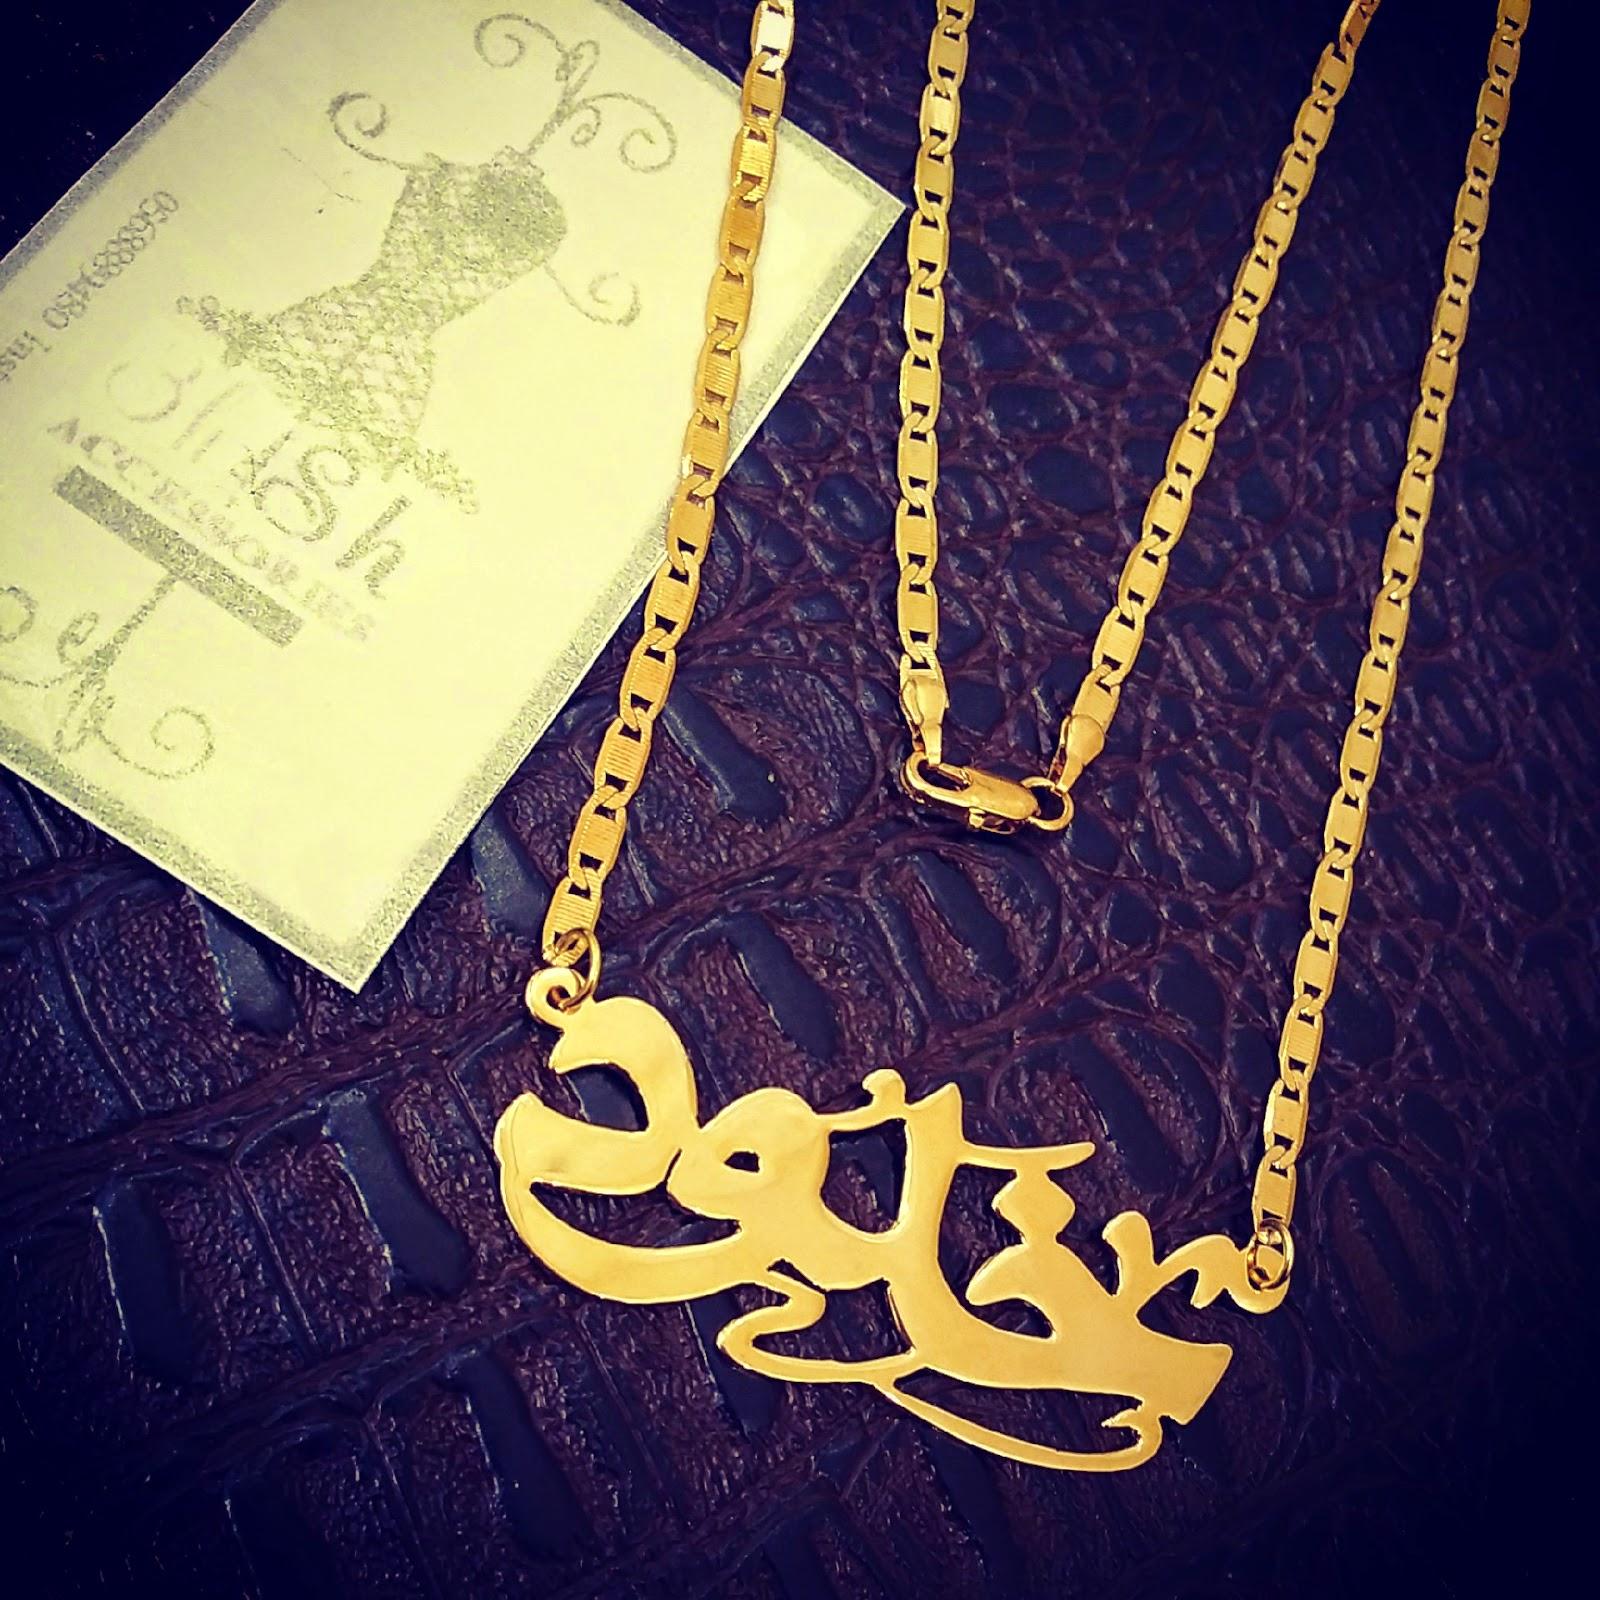 صوره اسماء مكتوبة بالذهب , اجمل صور اسامي بالذهب